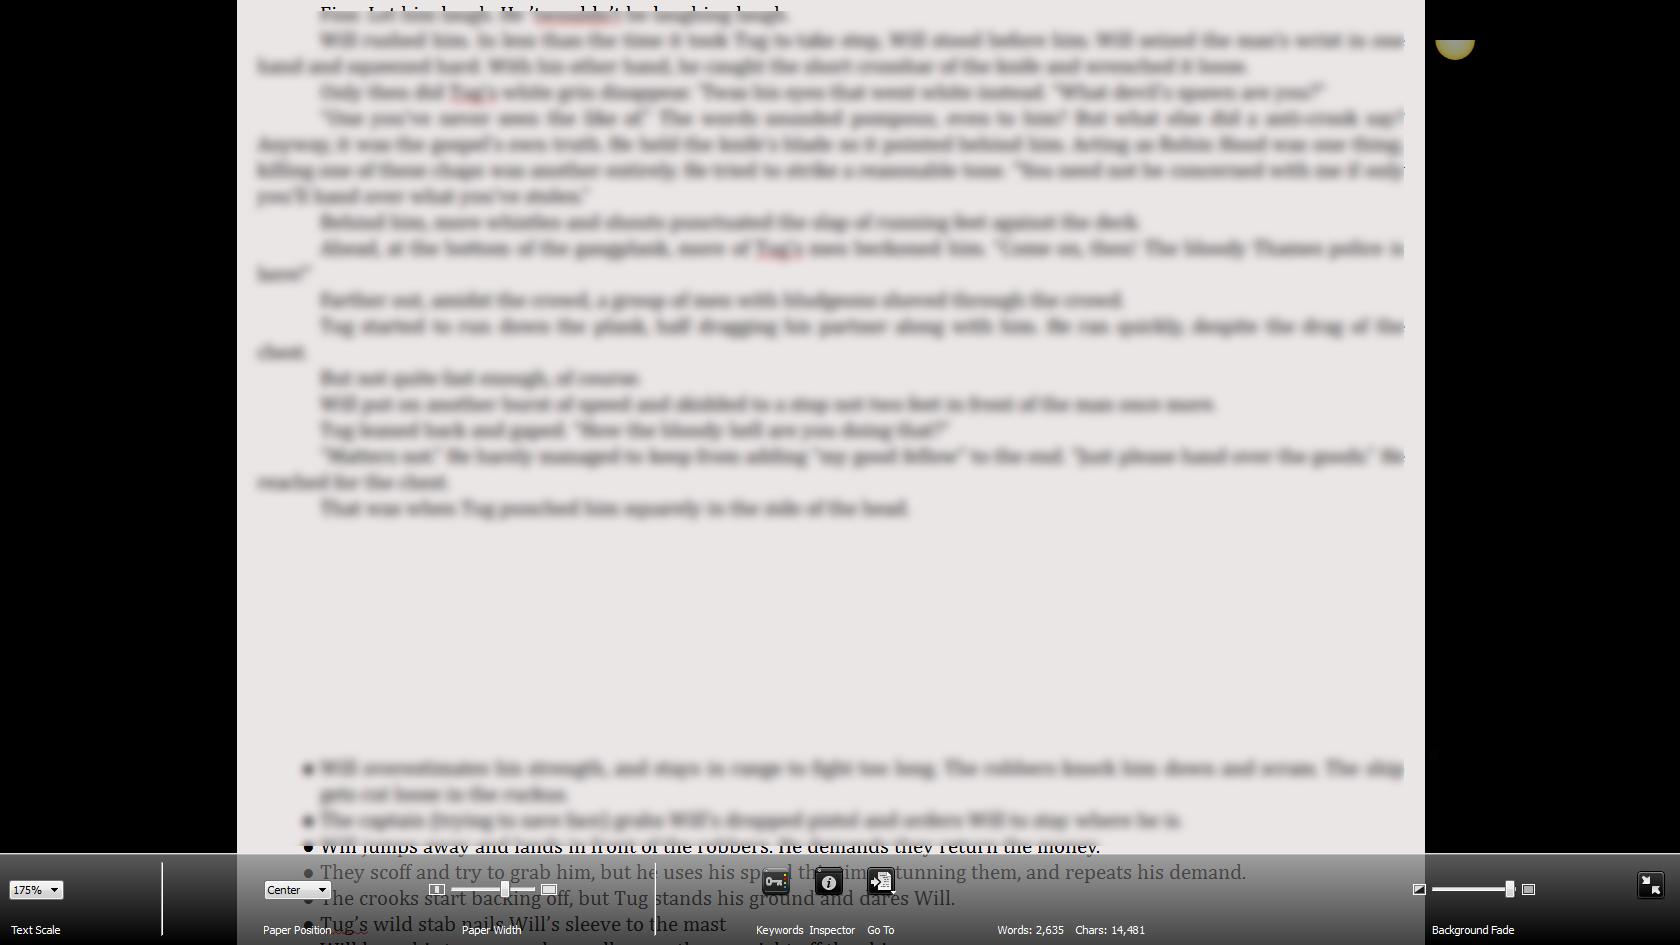 Writing Process Scrivener Full Screen Mode